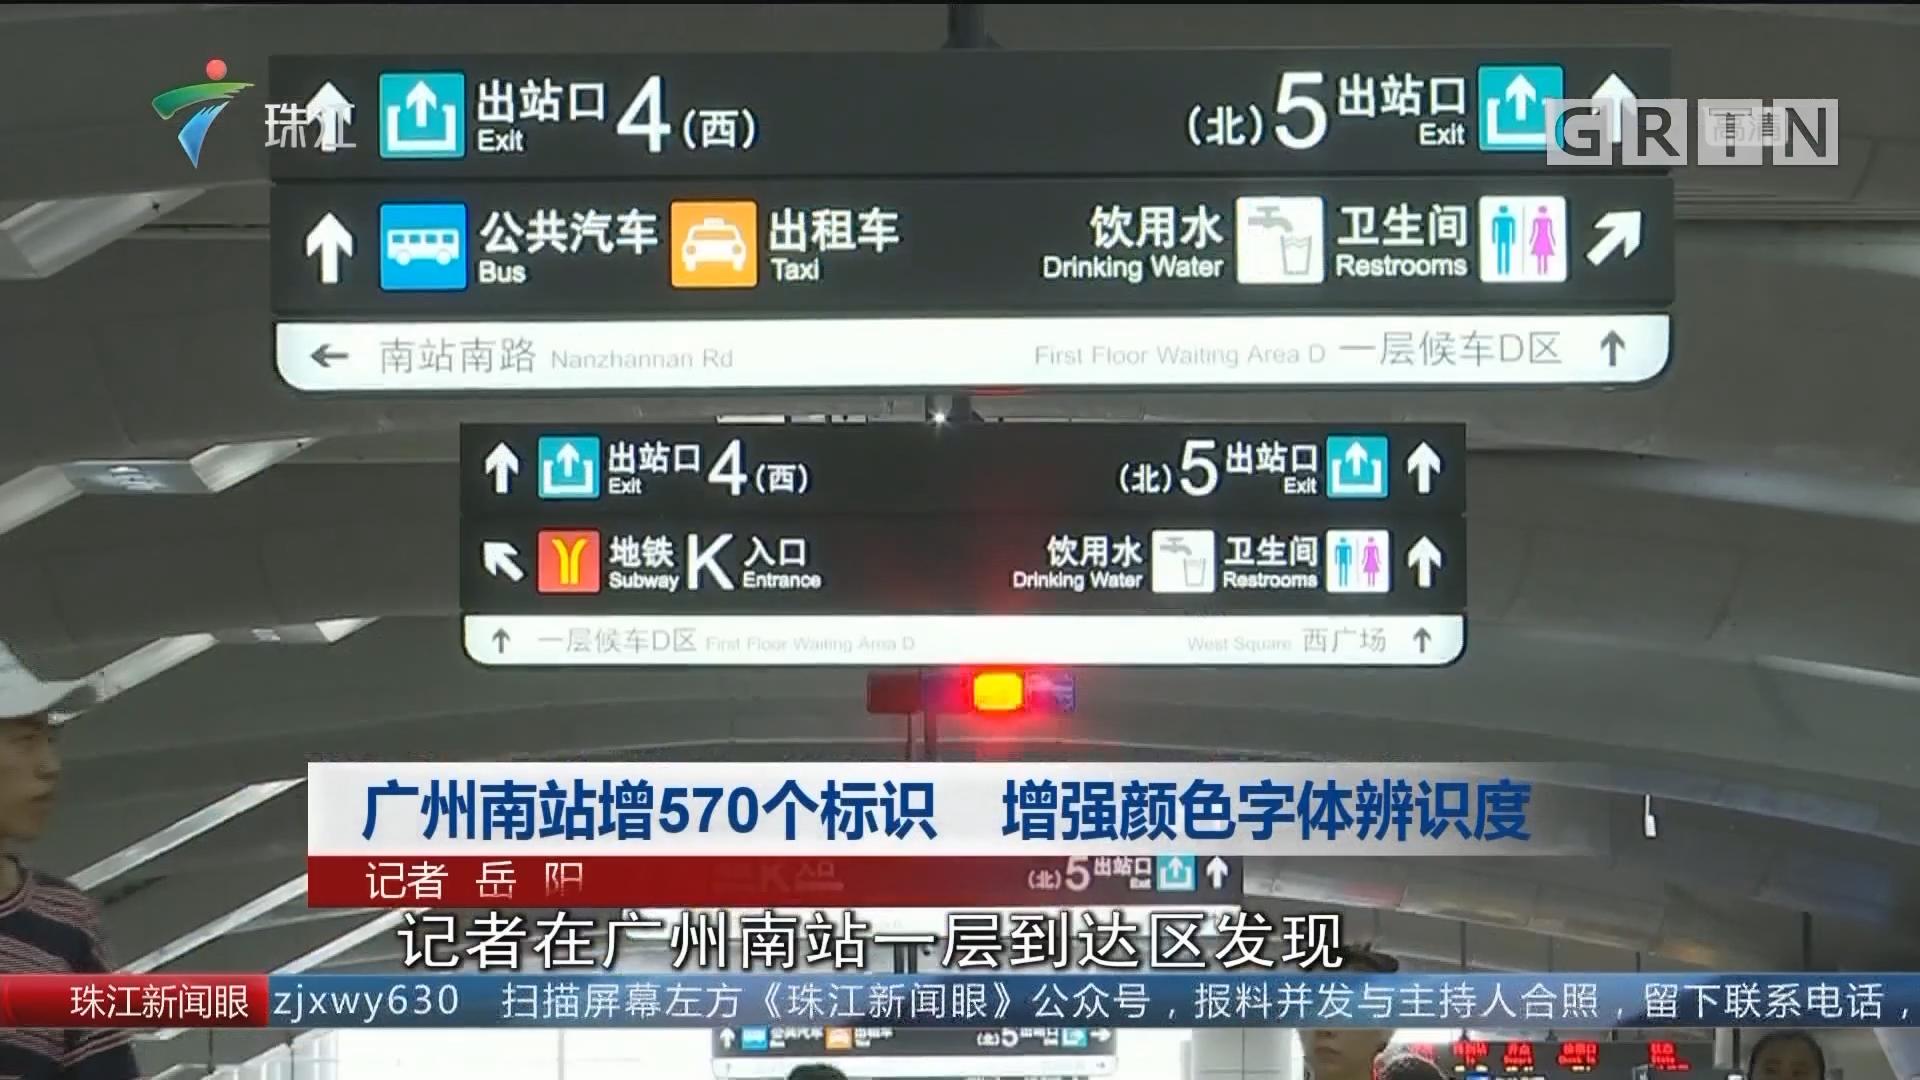 广州南站增570个标识 增强颜色字体辨识度